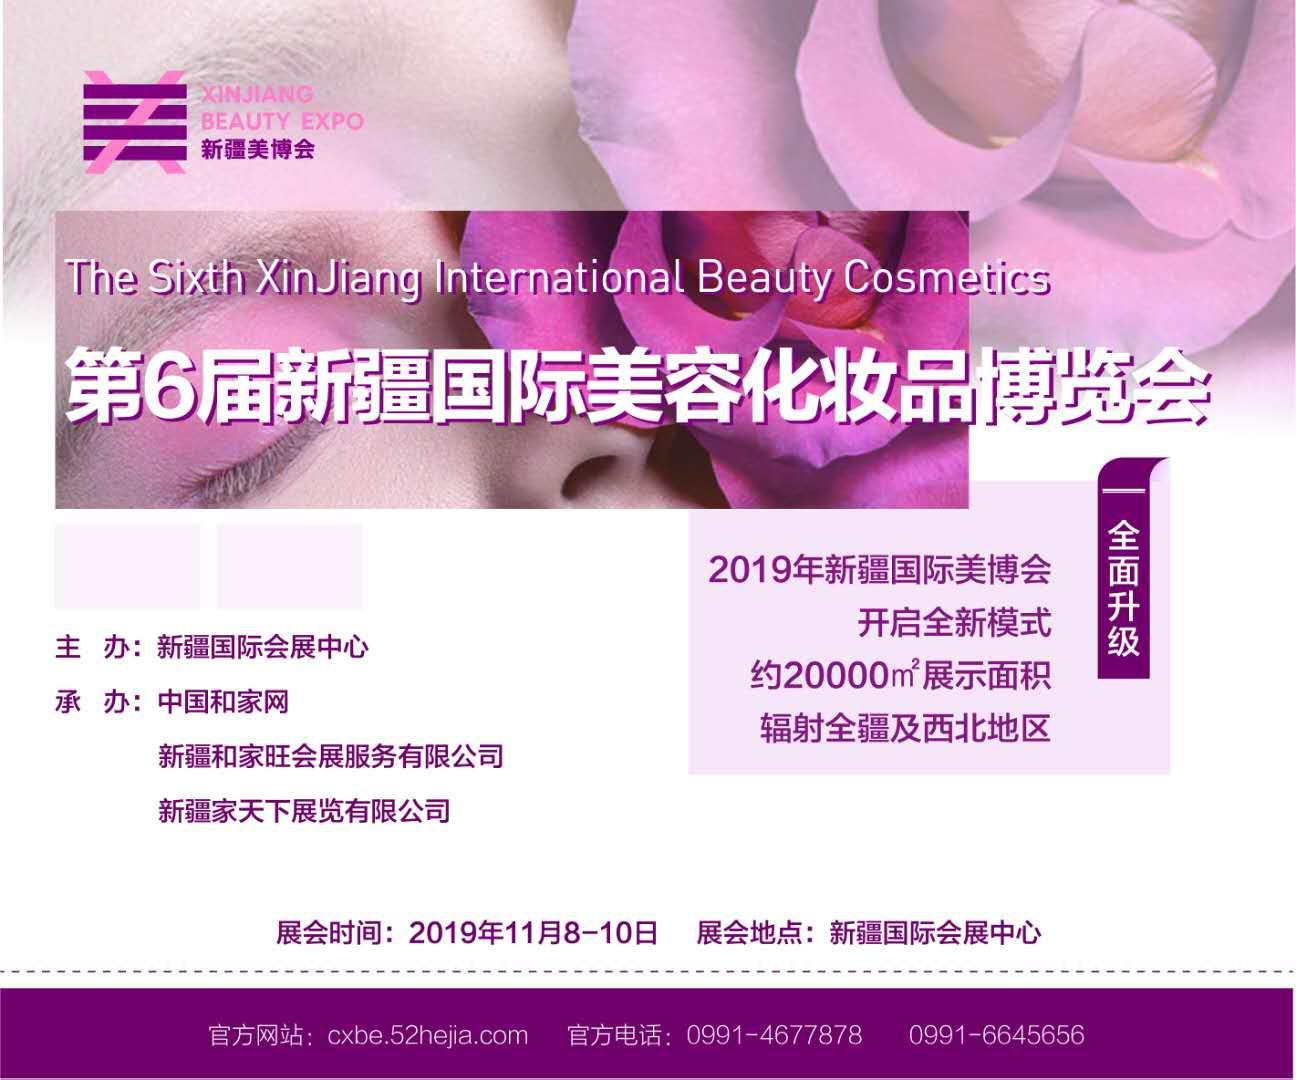 第六届新疆国际美容化妆品博览会